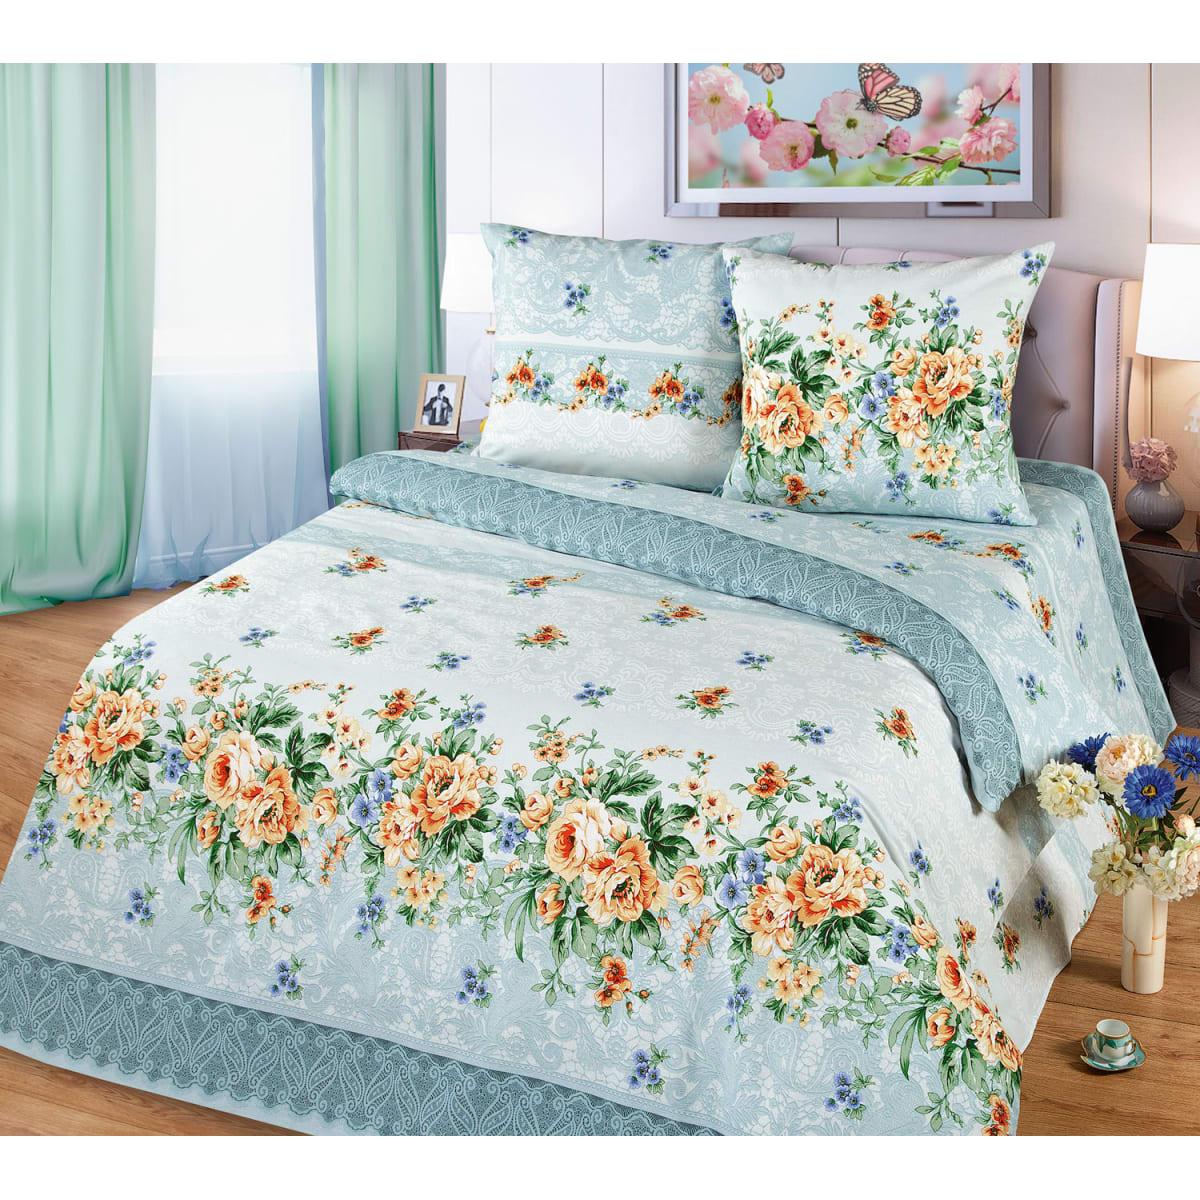 Комплект постельного белья MILANIKA Валенсия двуспальный, бязь, 70x70 см